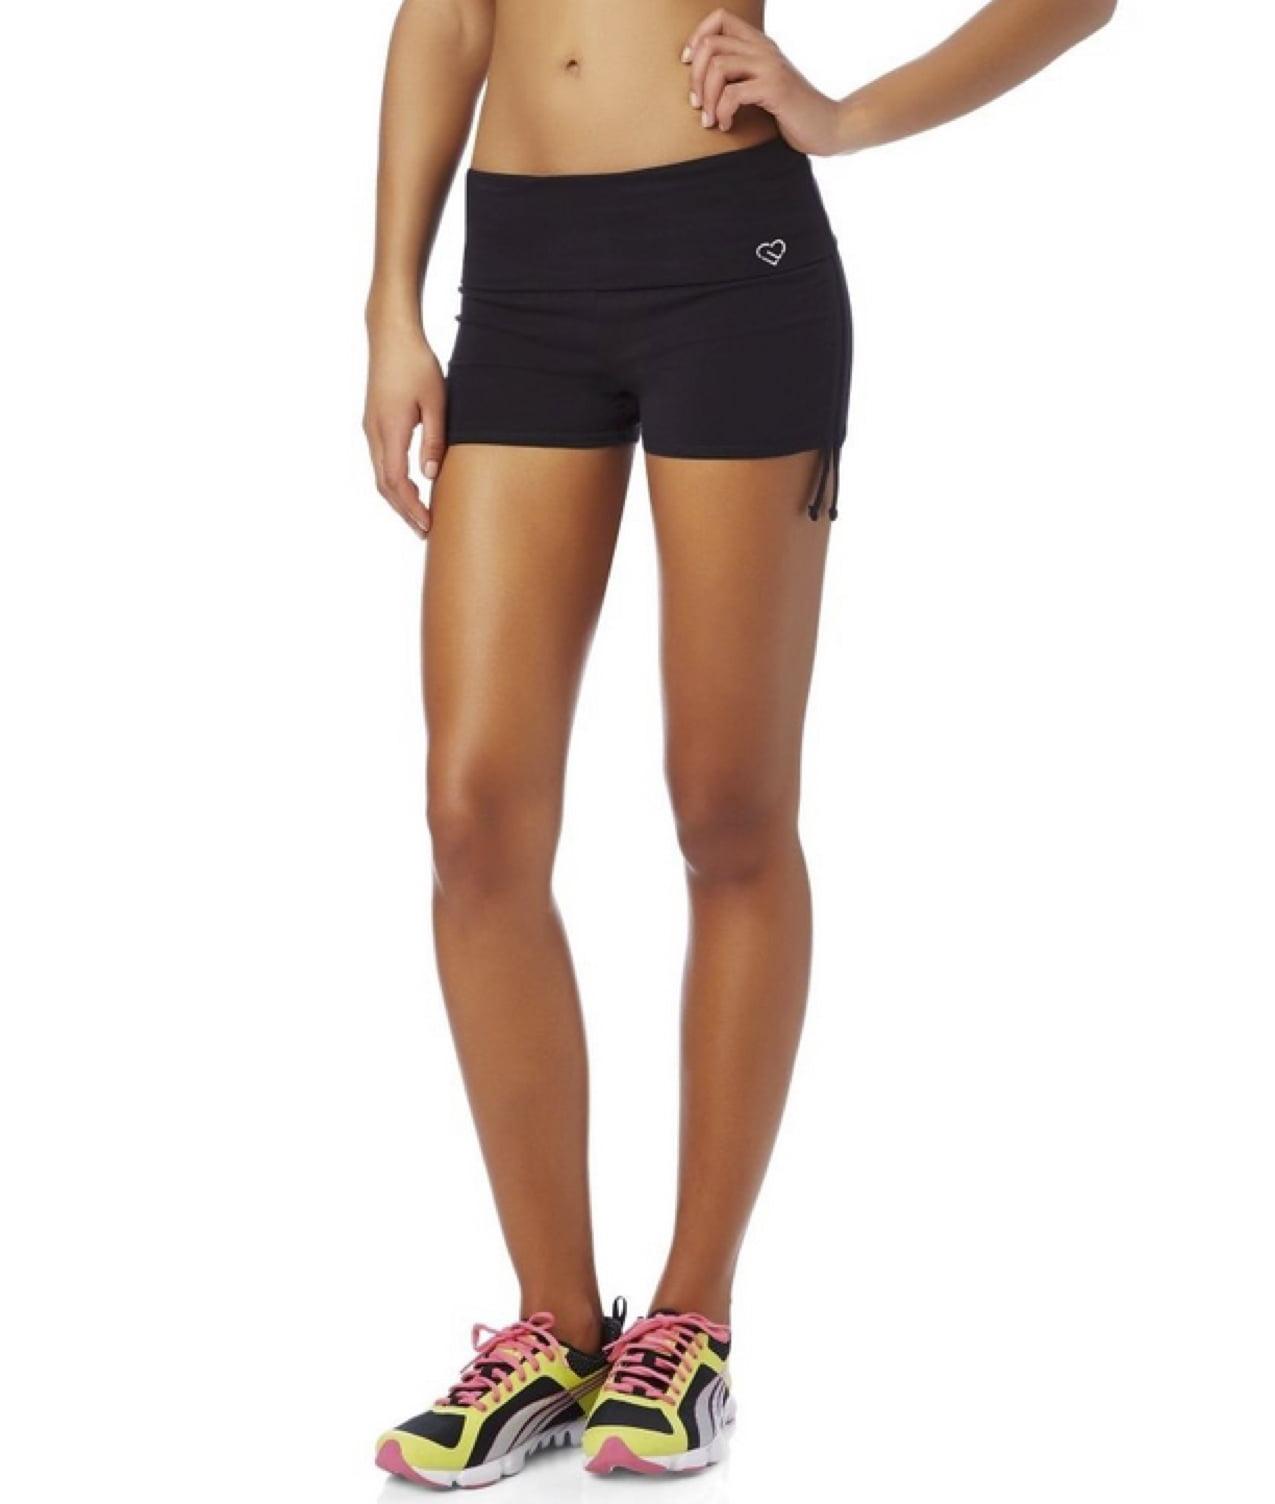 Aeropostale Womens Yoga Athletic Workout Shorts